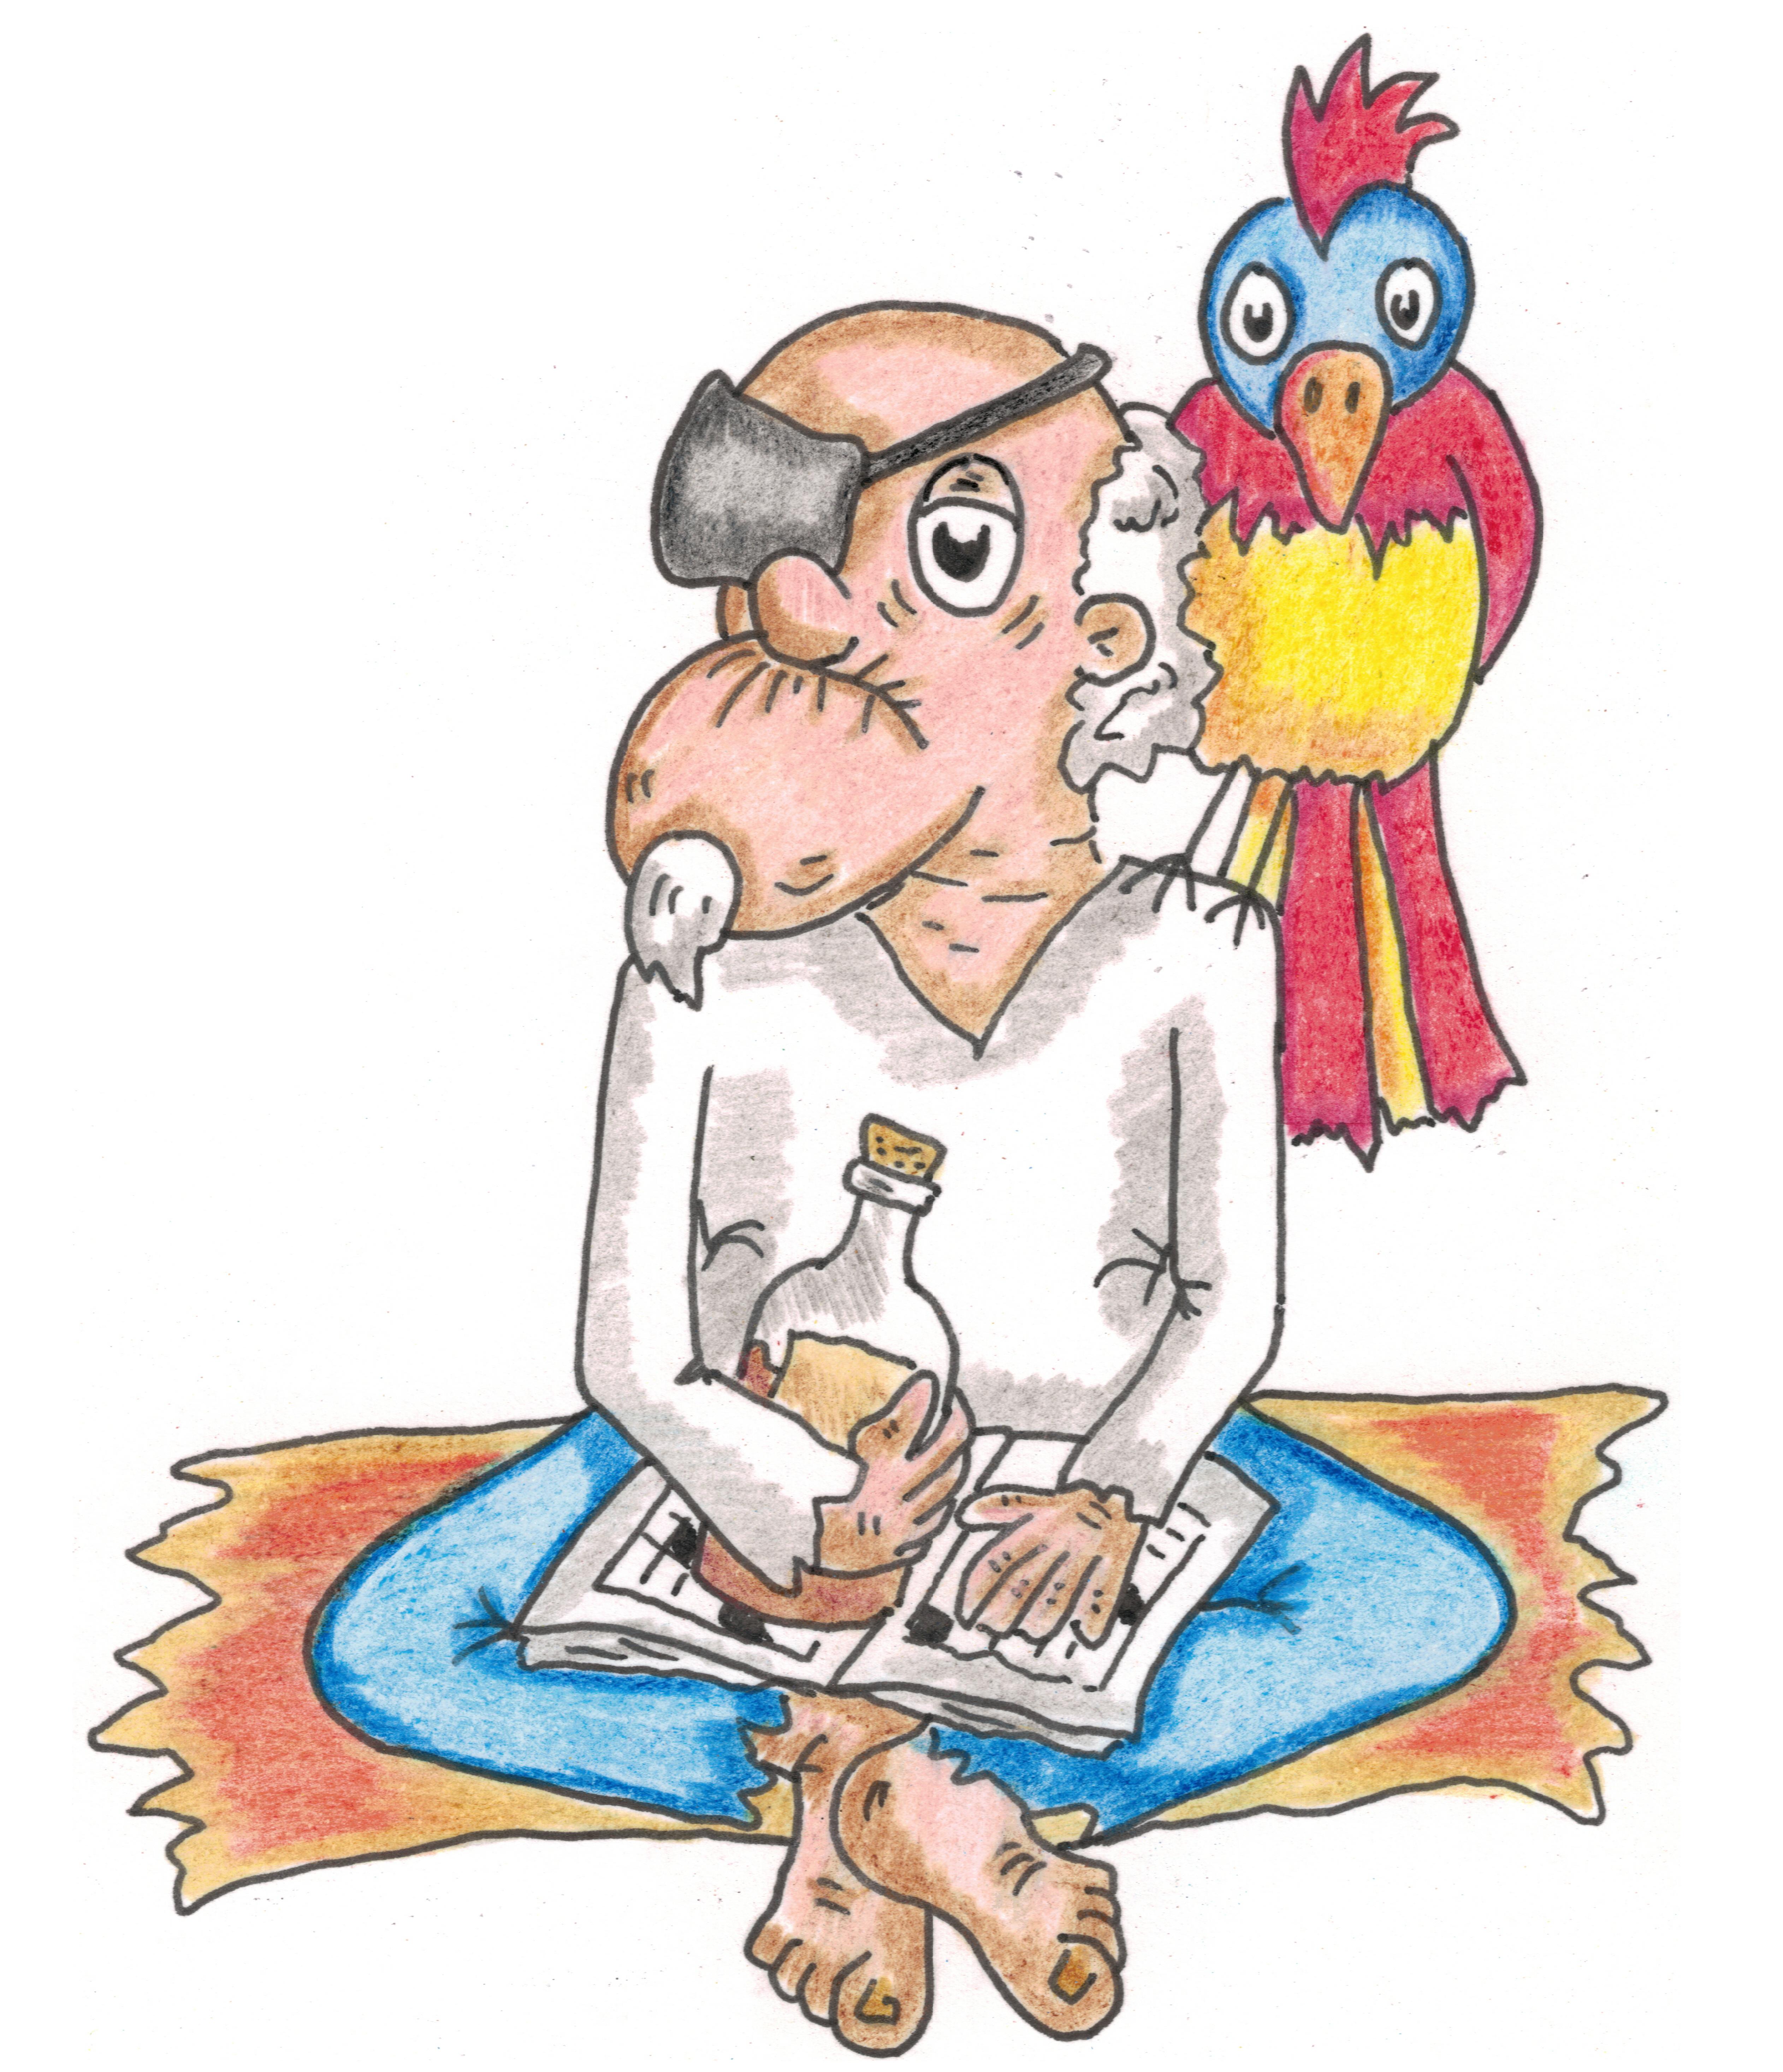 Mød den gamle sørøver Bill med papegøjen